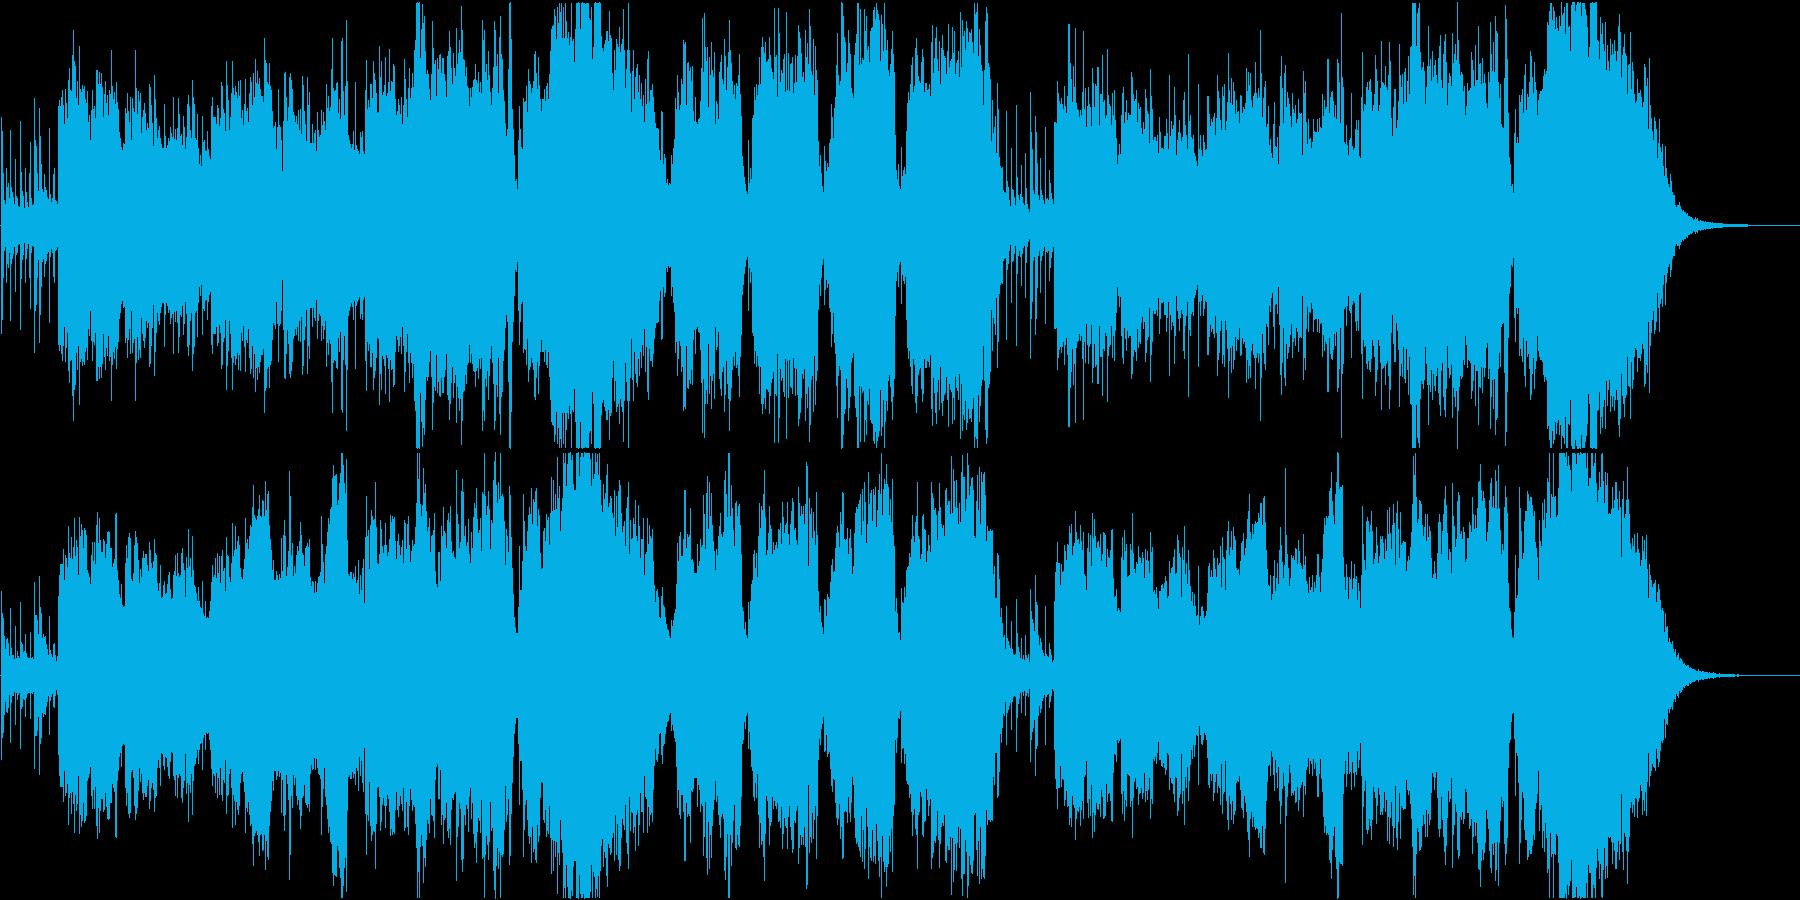 尺八が奏でる感動的なバラード・ショート版の再生済みの波形